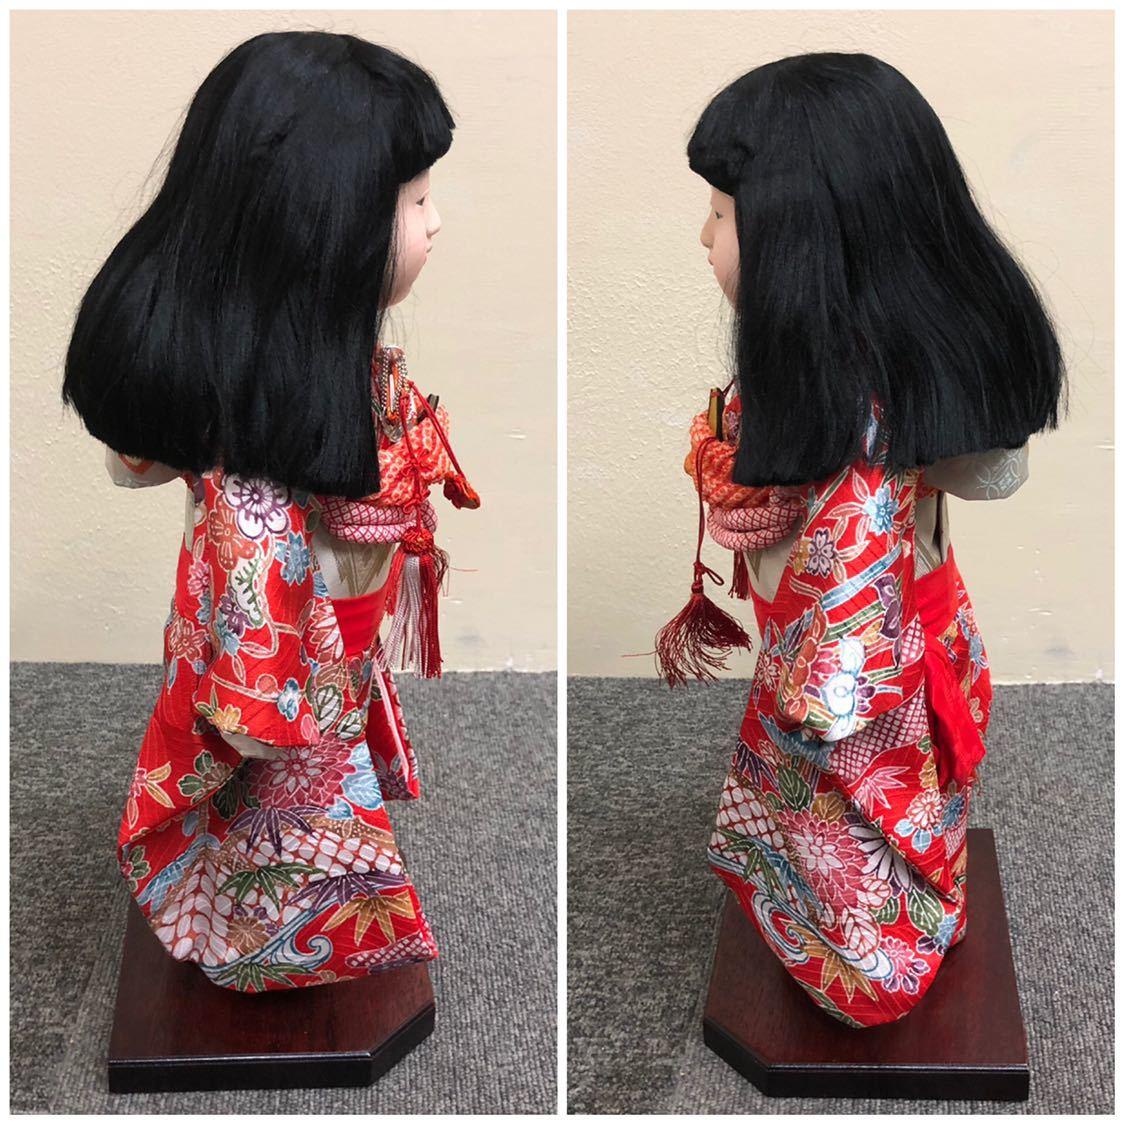 * 松寿 市松人形 日本人形 ◆ 吉徳大光 和服 日本 着物 伝統 工芸 昭和 レトロ 女の子 格安売り切りスタート_画像3